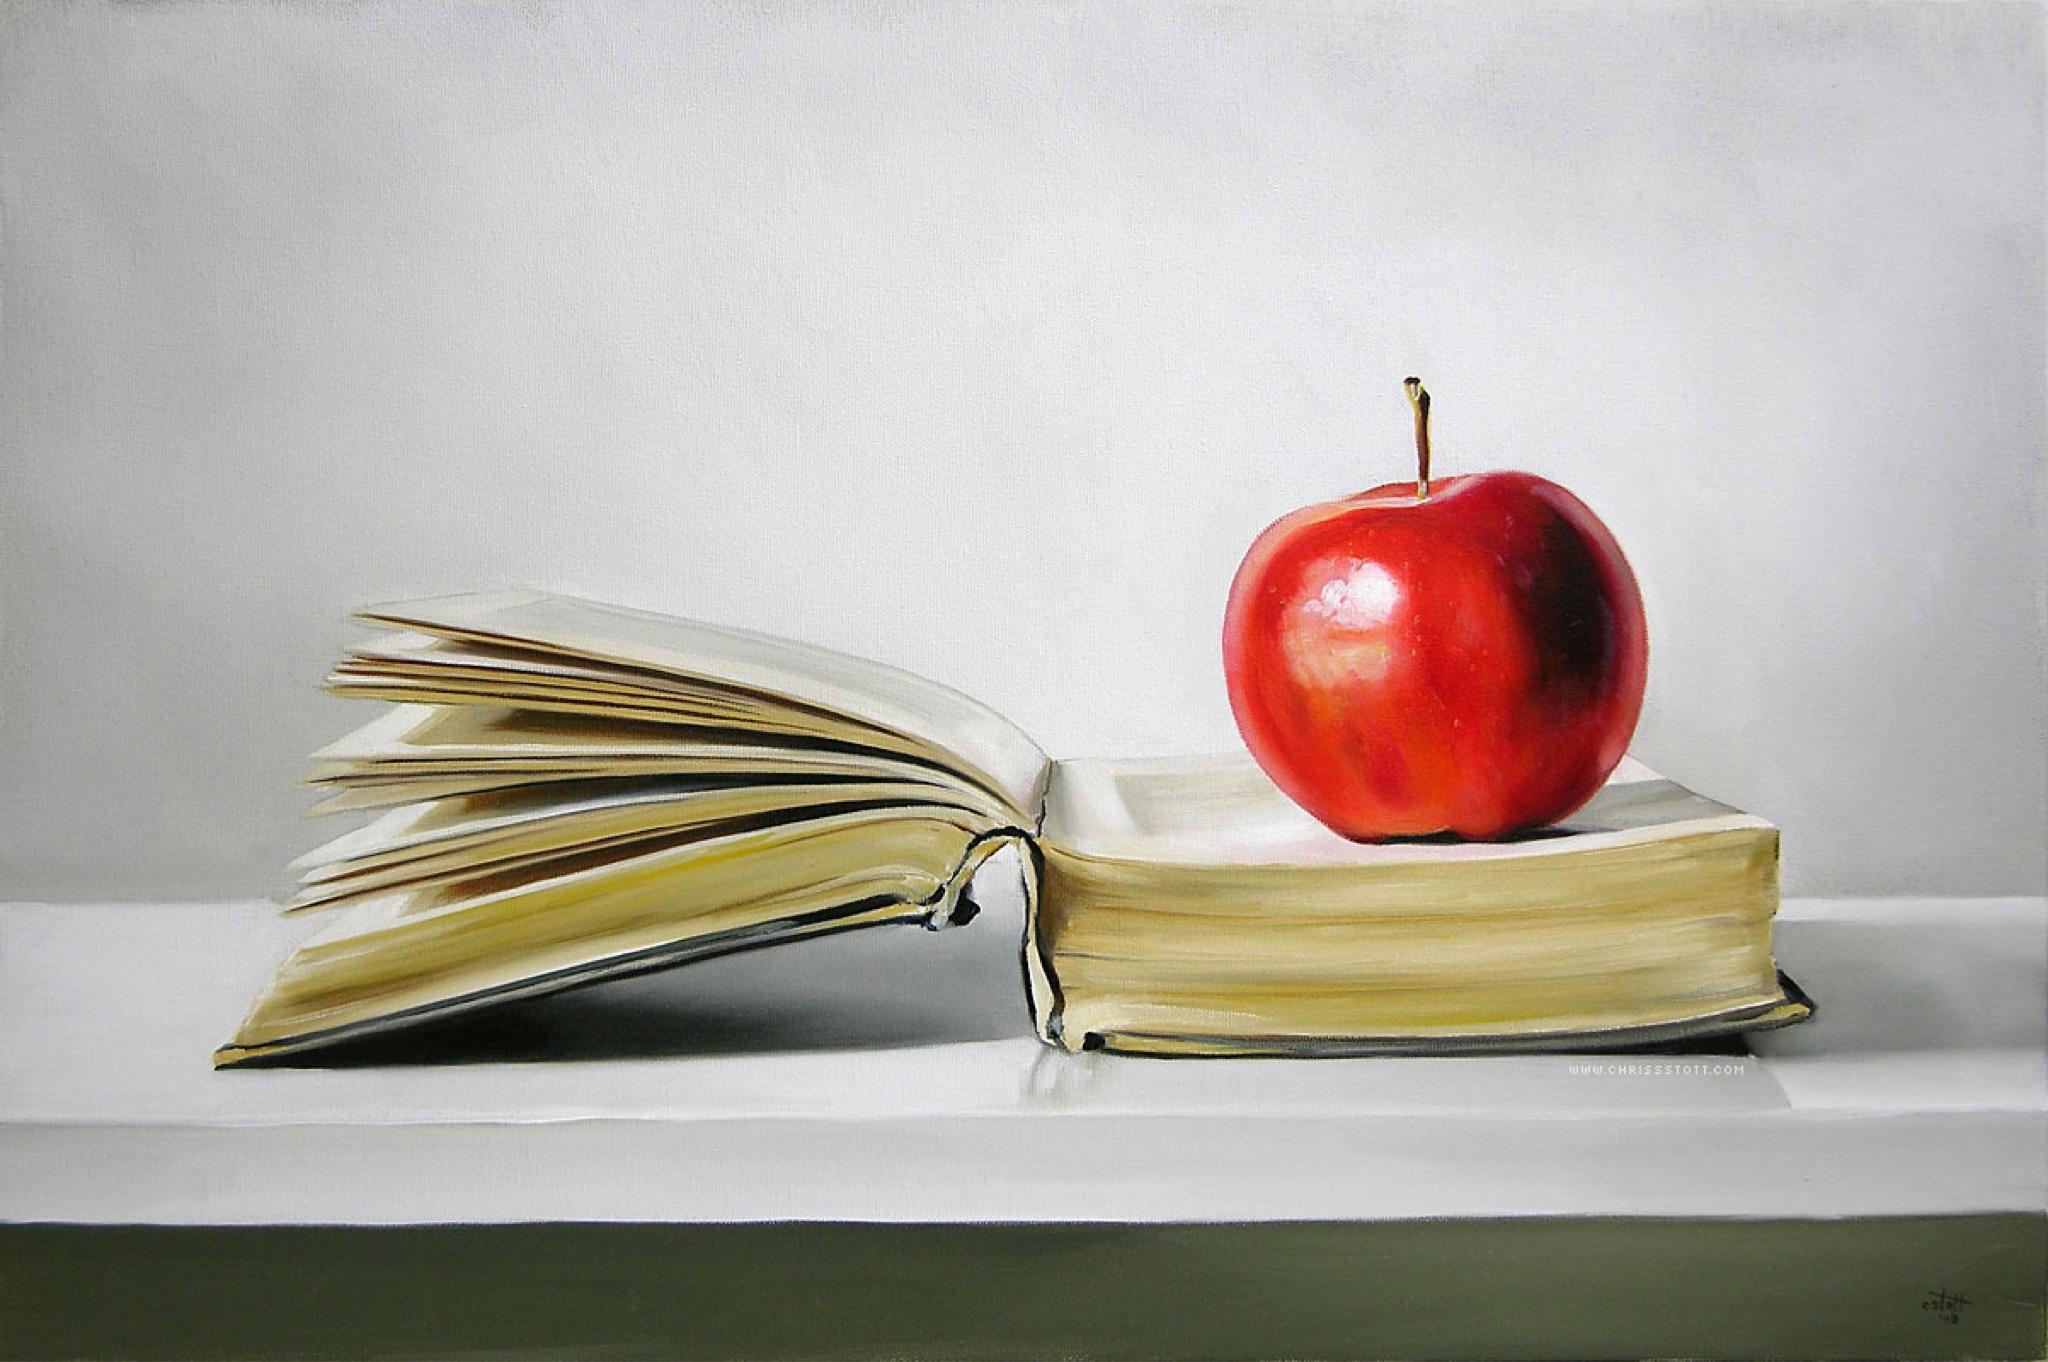 جودة العنصر البشري تبدأ من التعليم